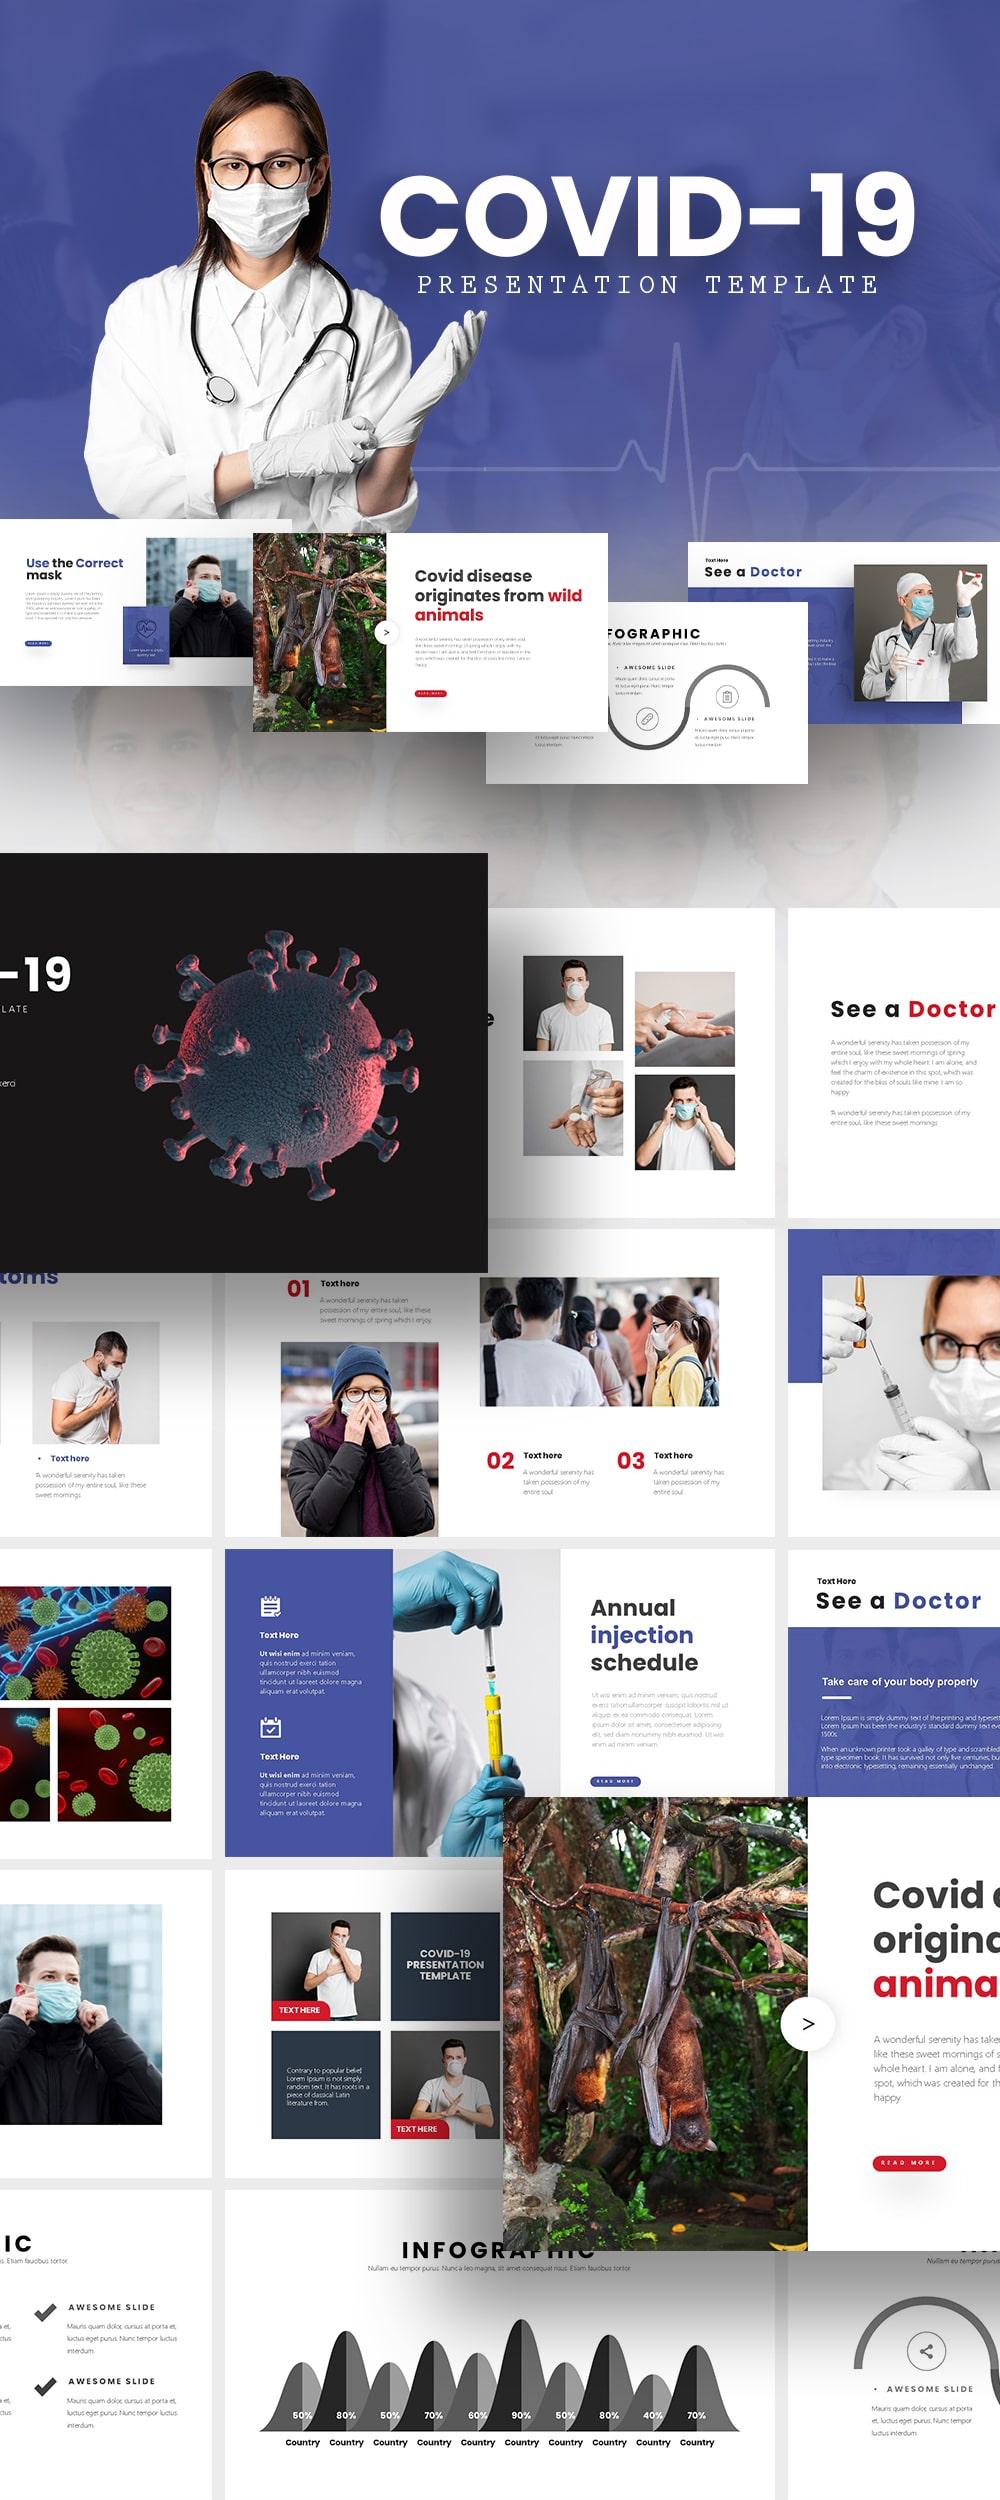 Free COVID-19 Presentation Template